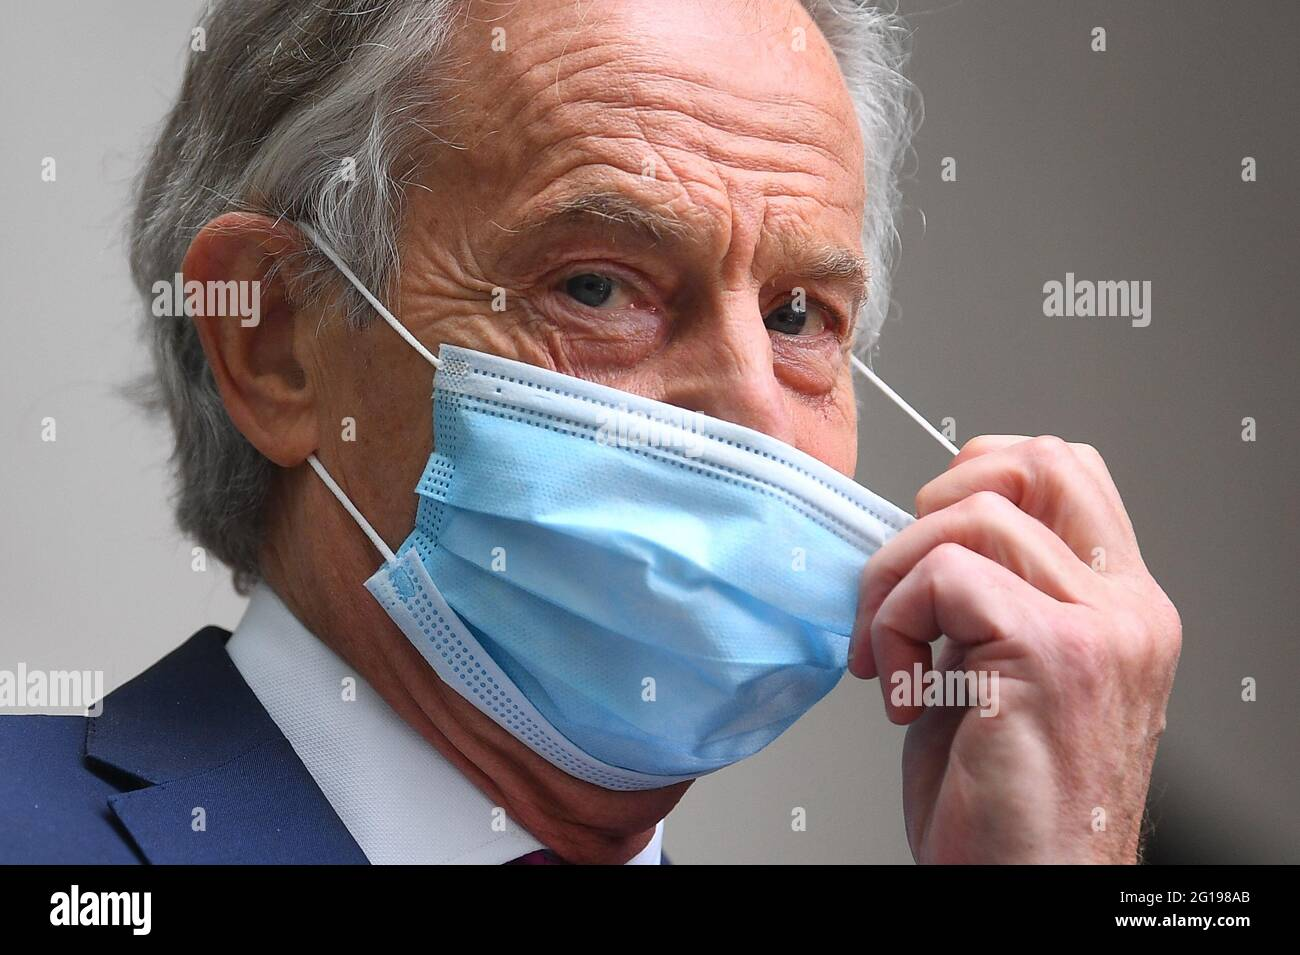 L'ex primo ministro Tony Blair fuori dalla BBC Broadcasting House nel centro di Londra per la sua apparizione sul programma BBC1 Current Affairs, l'Andrew Marr Show. Data immagine: Domenica 6 giugno 2021. Foto Stock